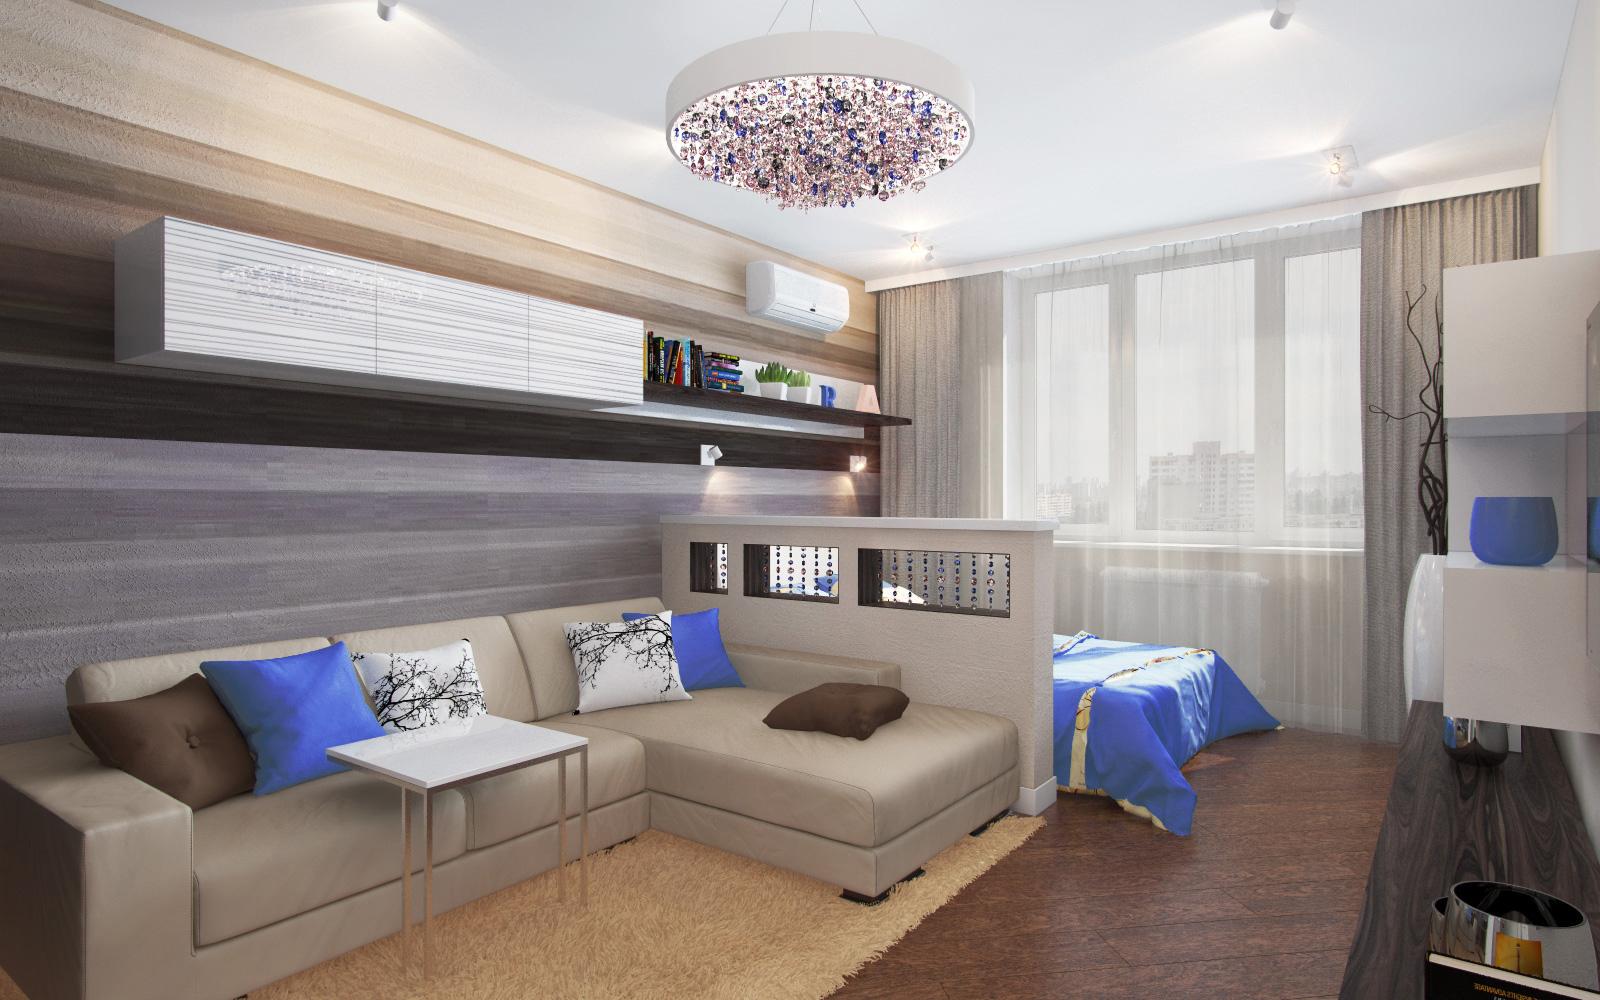 100 лучших идей: гостиная Как из одной гостиной сделать спальню и гостиную